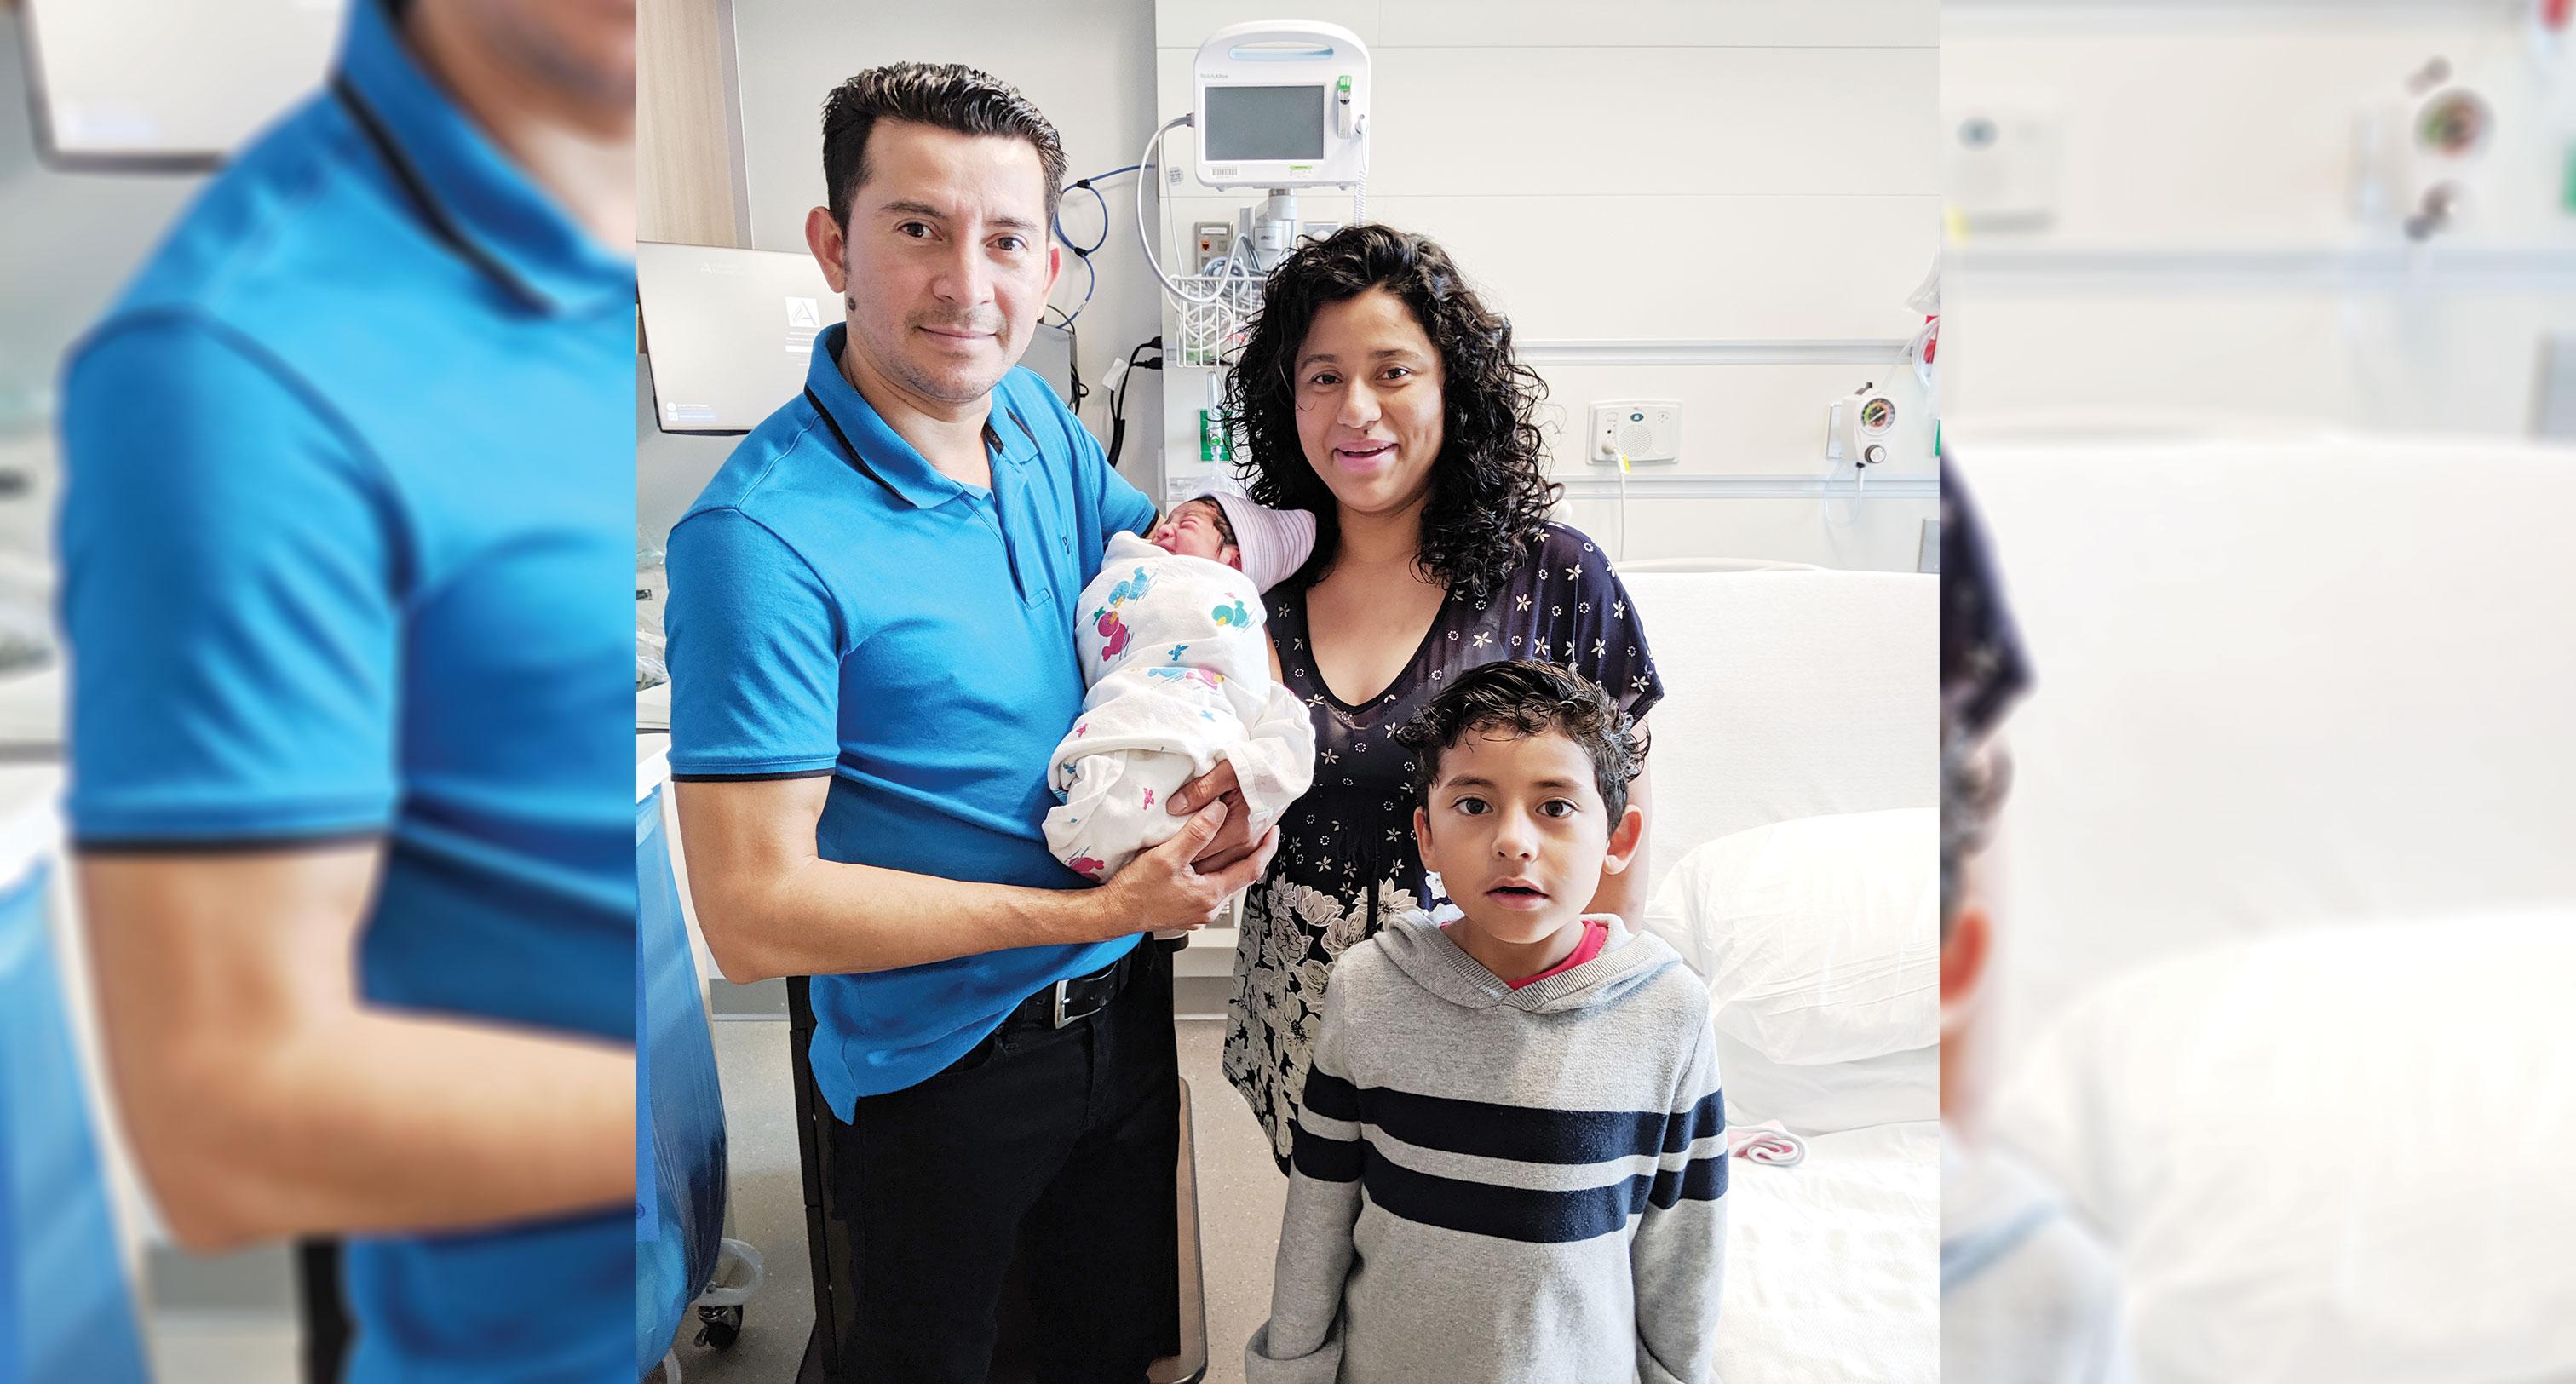 Primera bebé nace en nuevo hospital